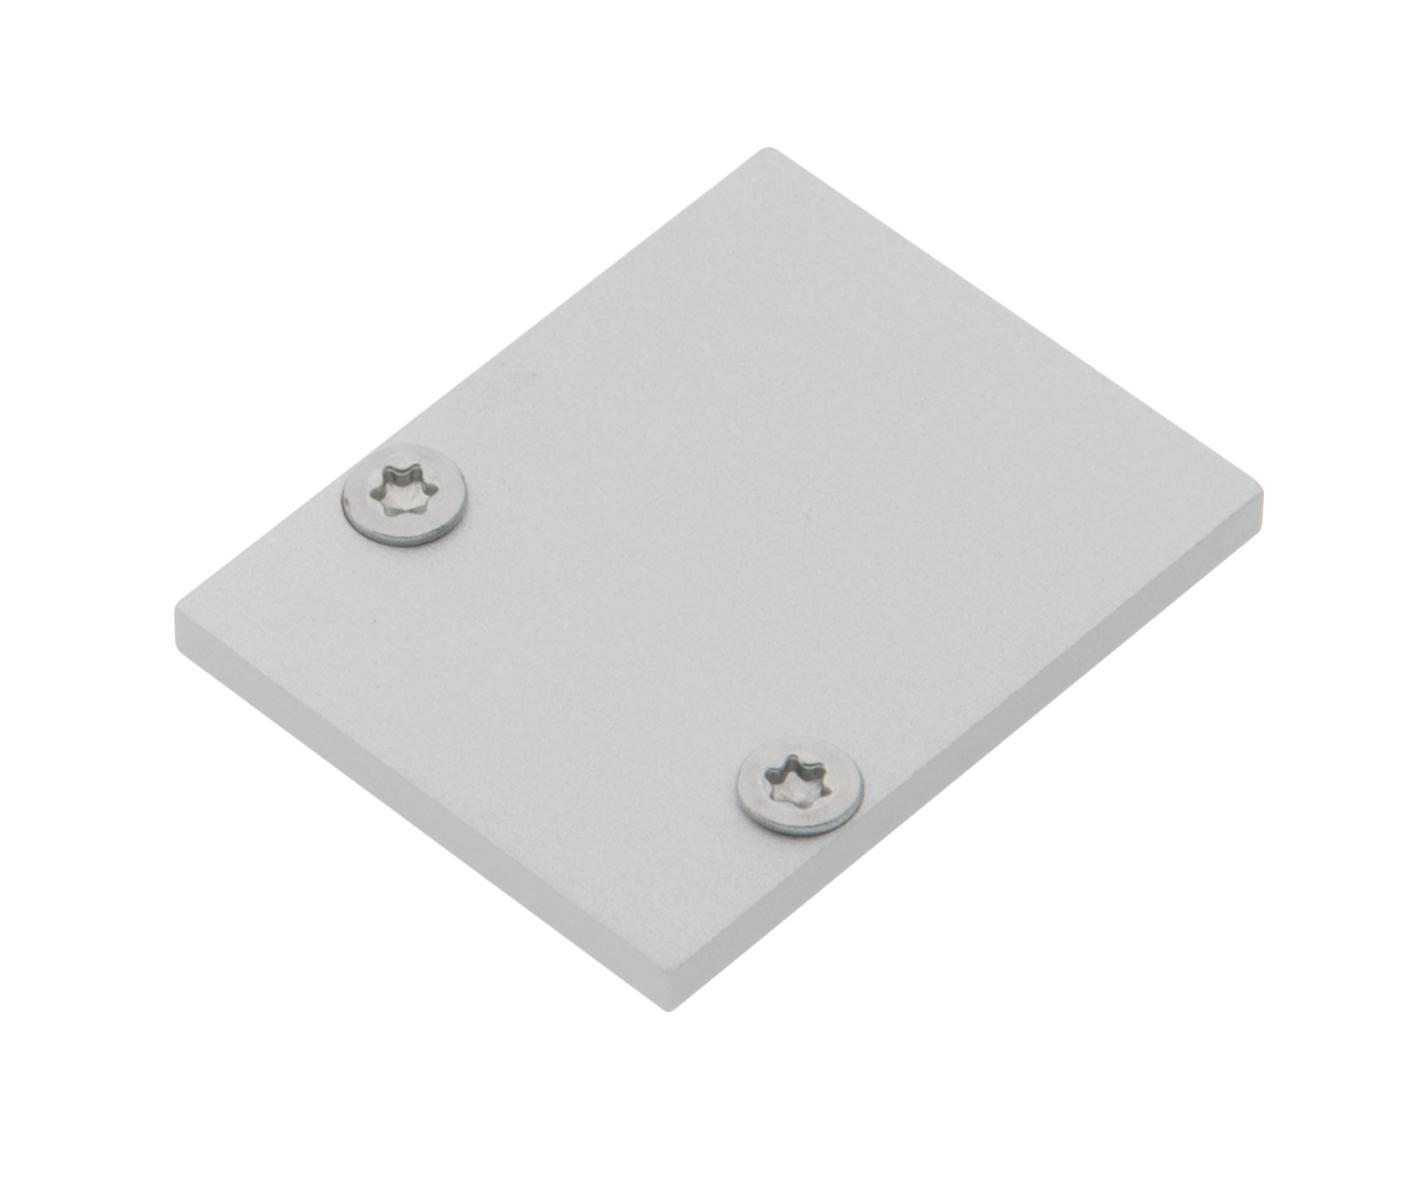 1 Stk Profil Endkappe TBL Eckig geschlossen inkl. Schrauben LIEK002820